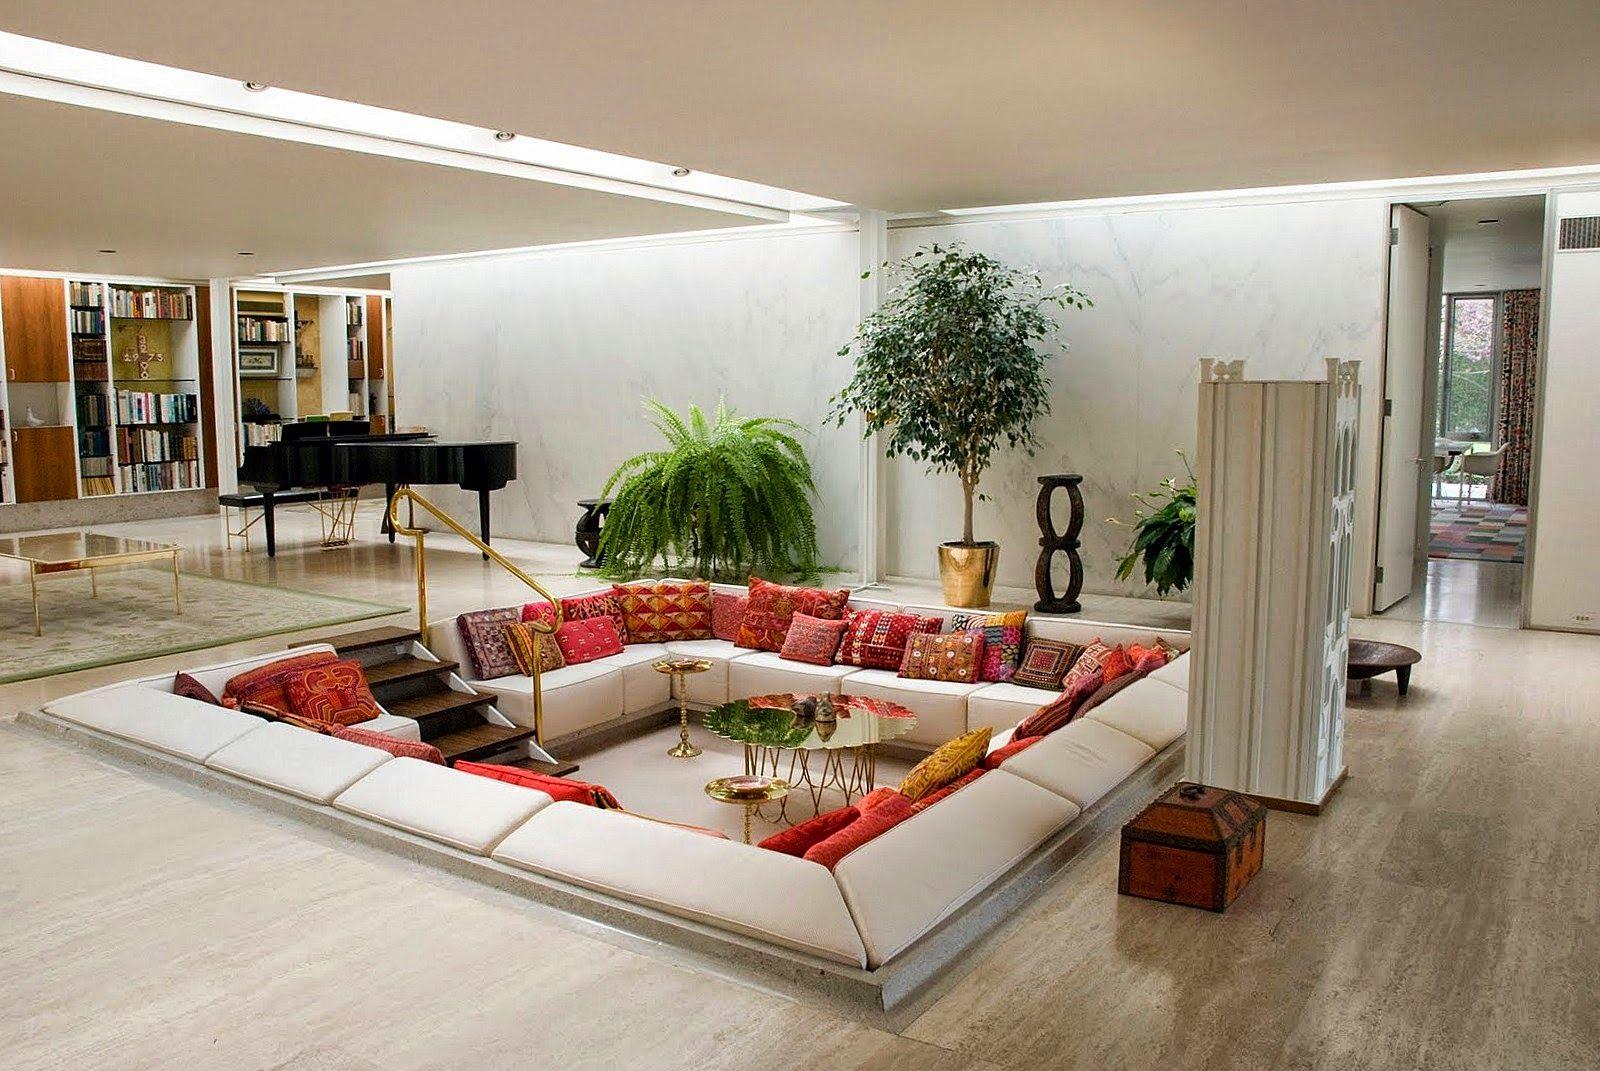 Picturesque Square Living Room Layout Design Ideas Brilliant